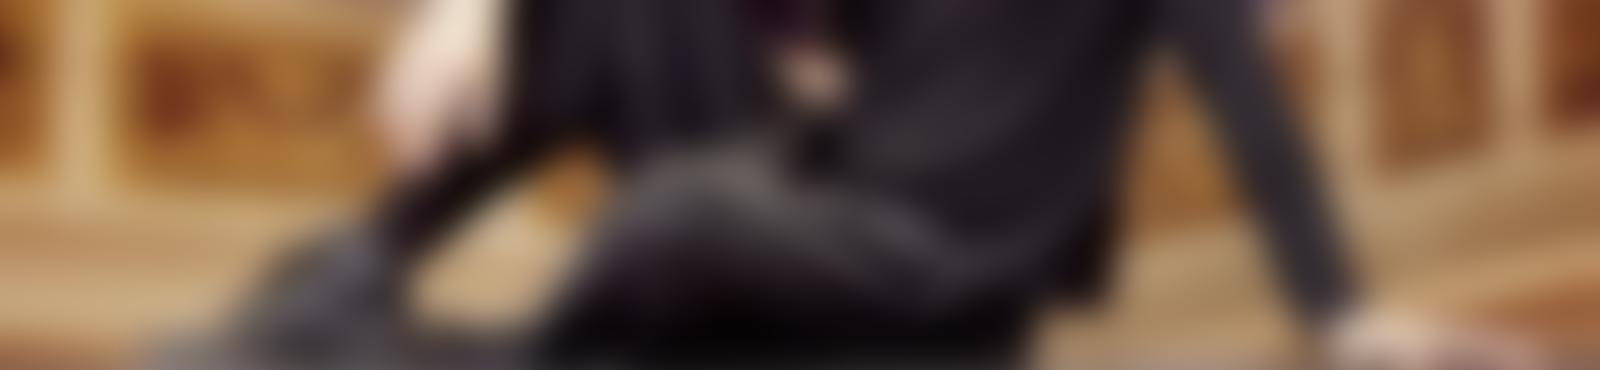 Blurred 3d366920 5e6f 4f88 872b 43fdbb0699e4